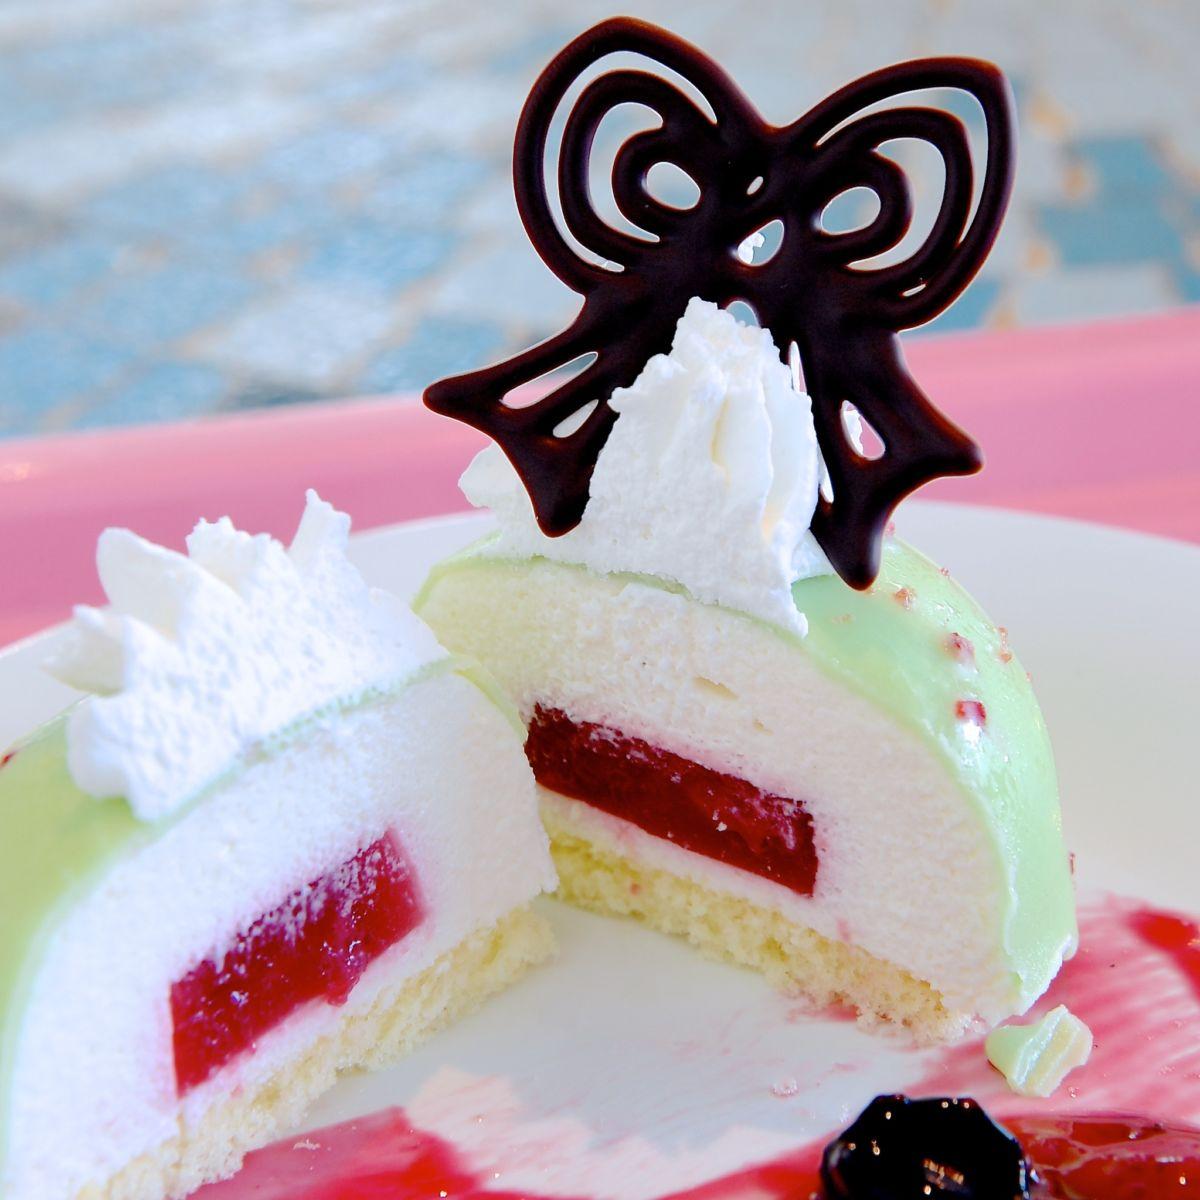 バニラムースケーキ 断面